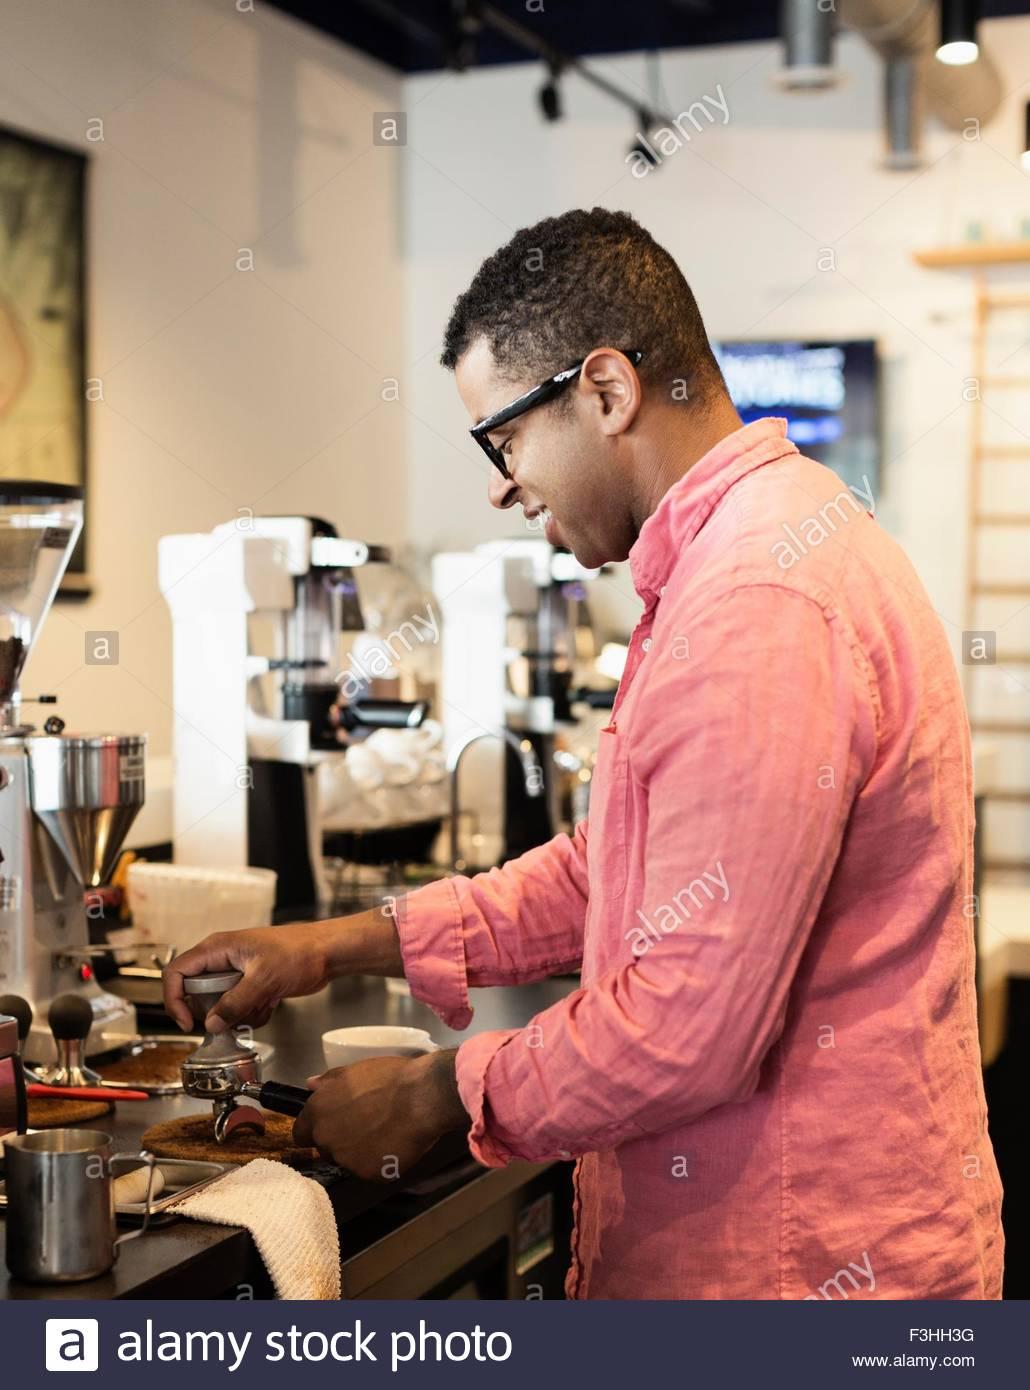 Café barista dépose des grains de café Photo Stock